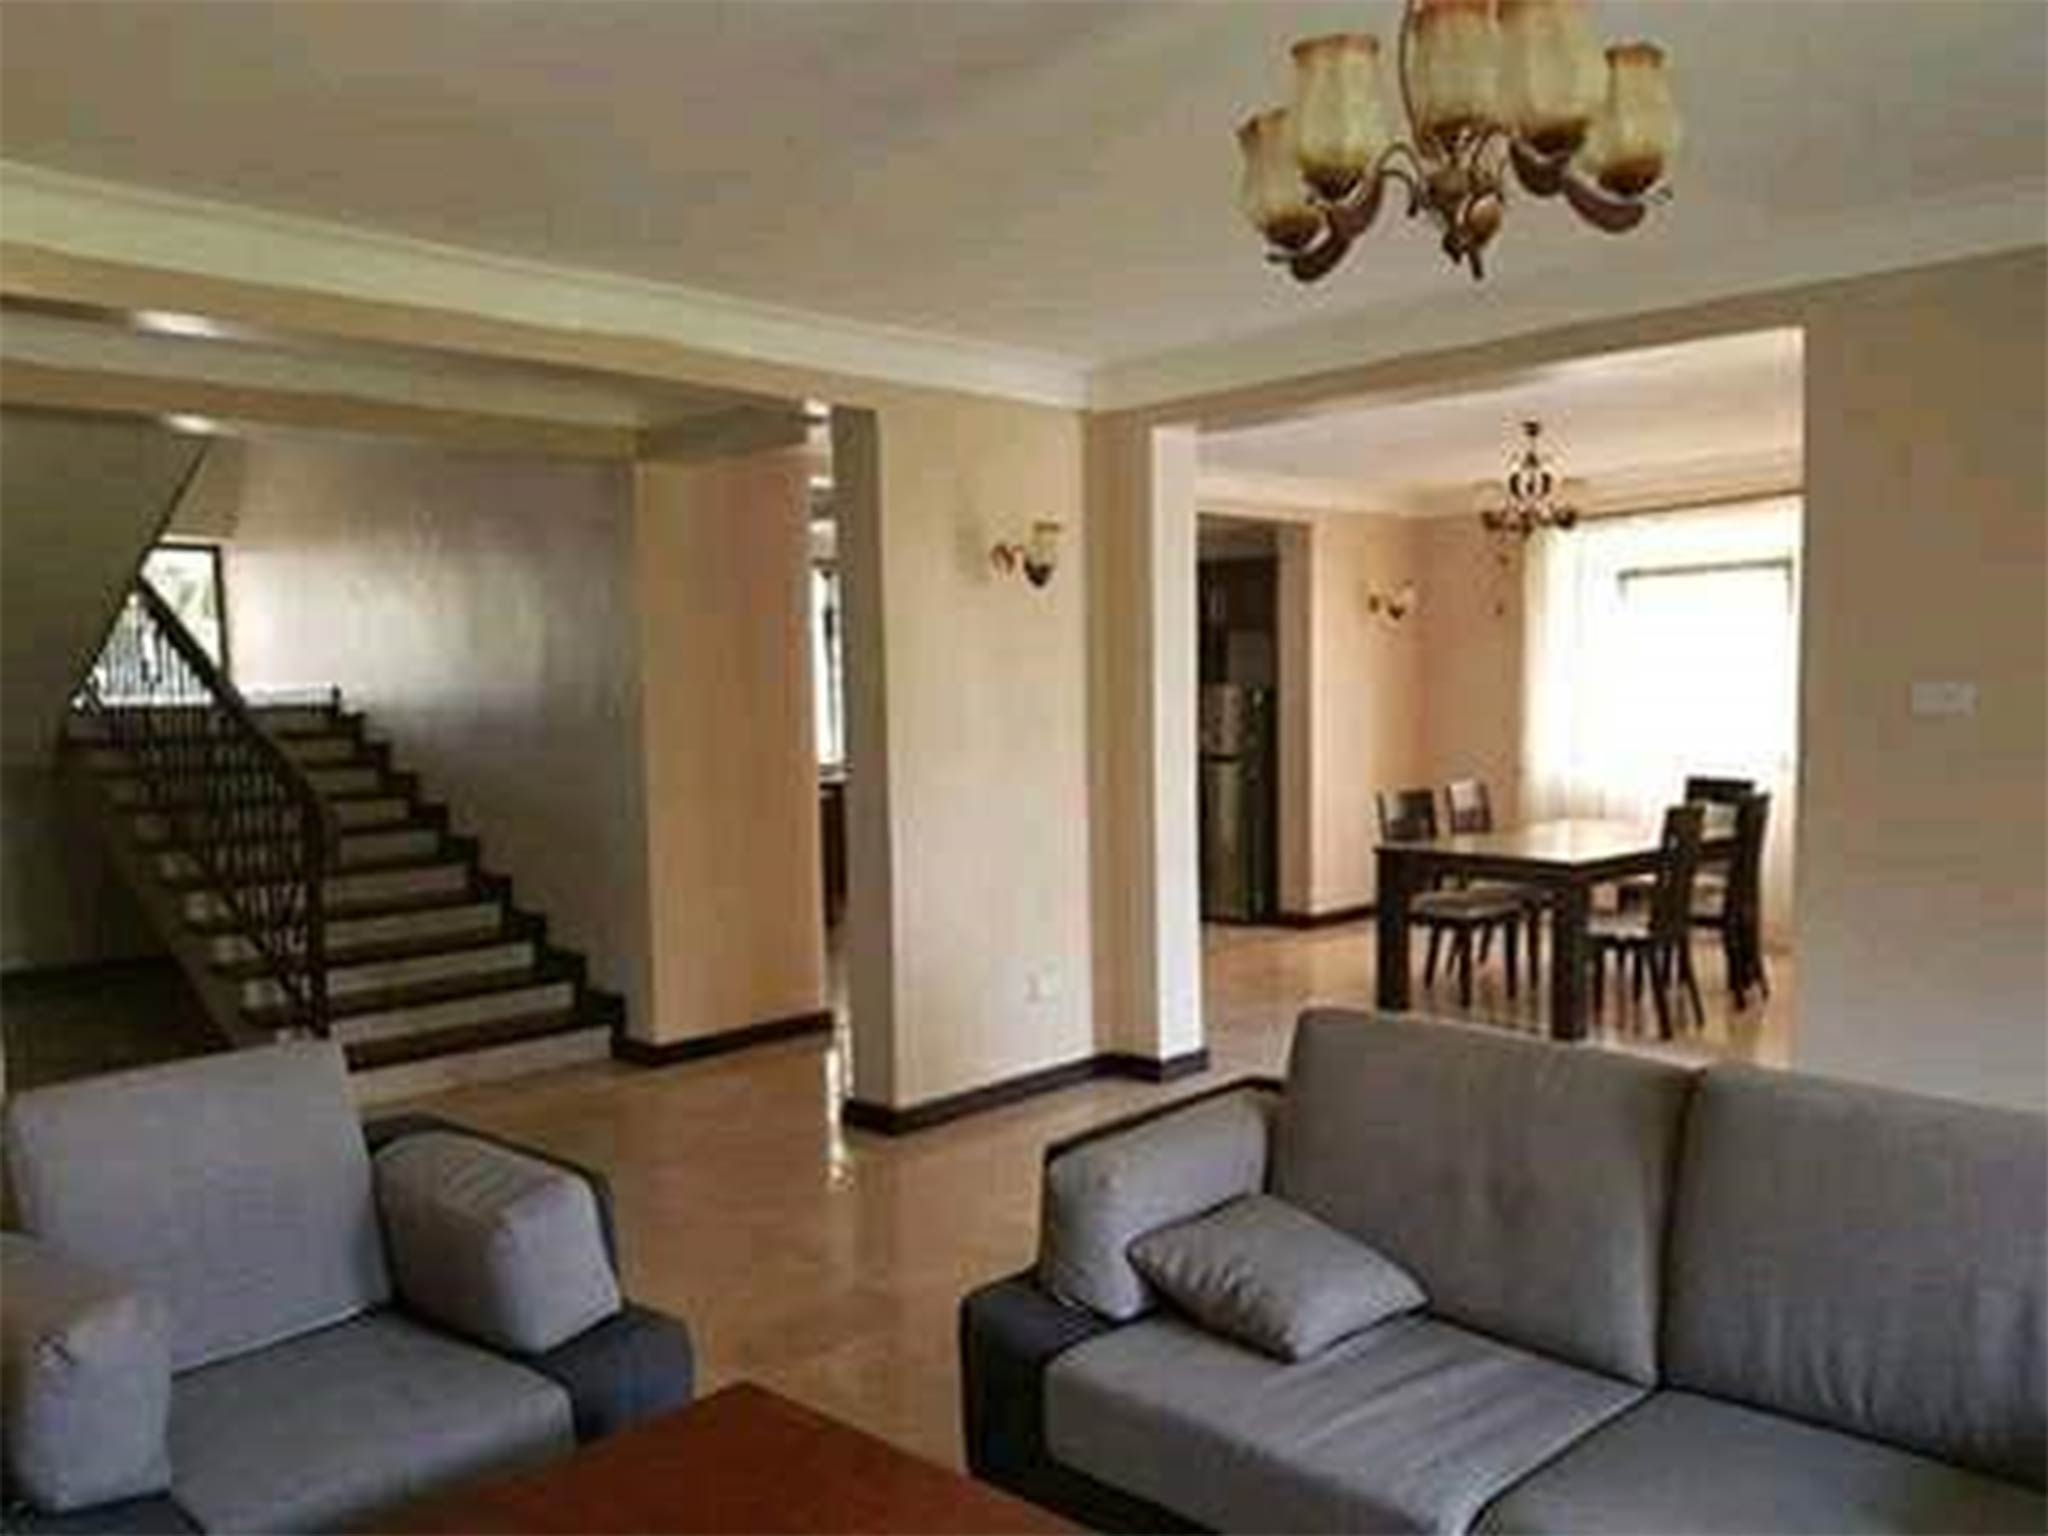 Eine herrliche Wohnung mit hervorragenden Annehmlichkeiten fr einen sehr angenehmen Aufenthalt